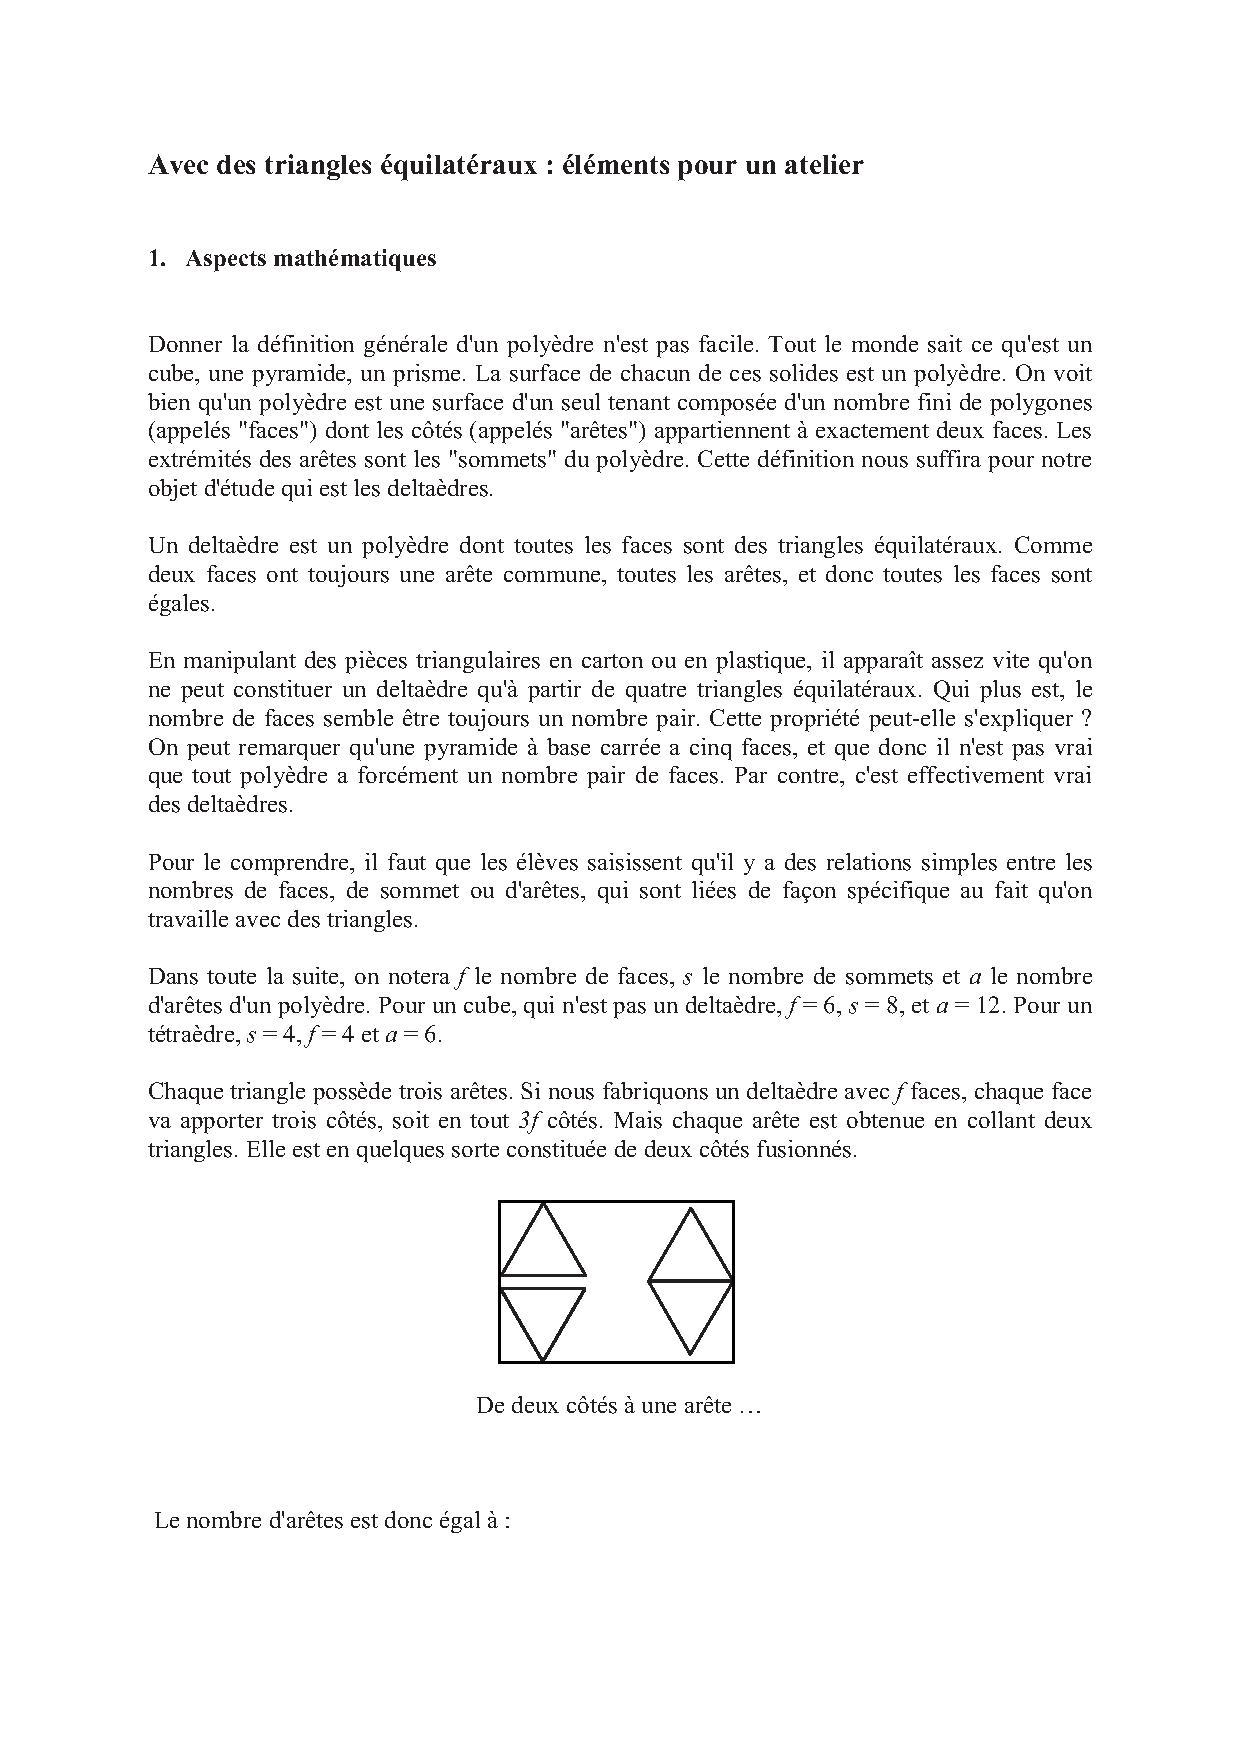 avec_des_triangles_equilateraux___elements_pour_un_atelier.jpg